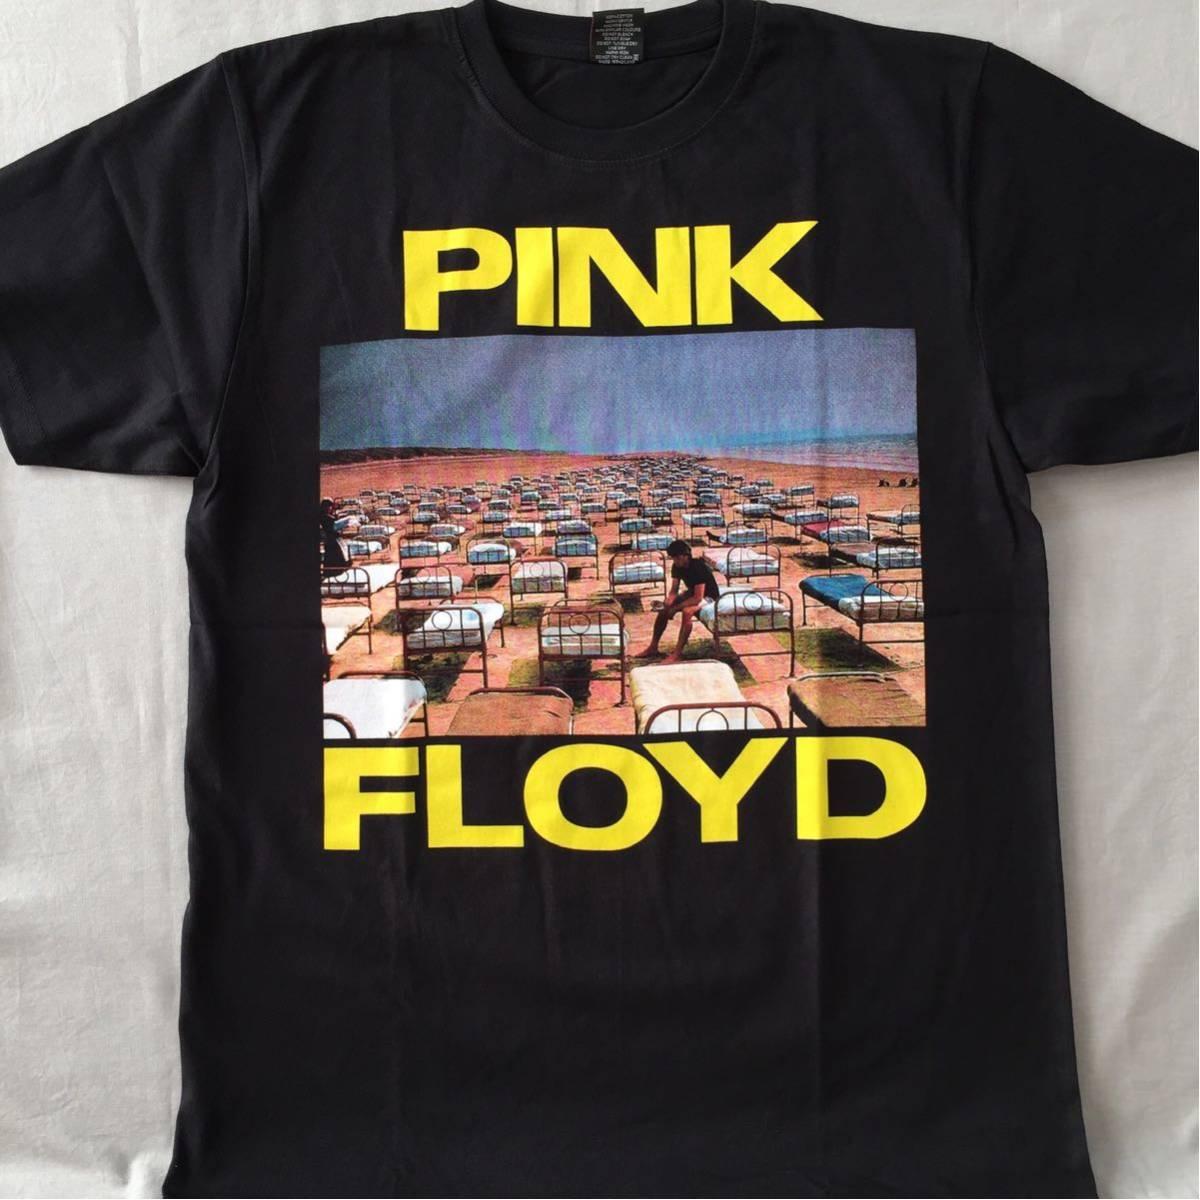 バンドTシャツ ピンク フロイド(PINK FLOYD) 新品 M_画像1